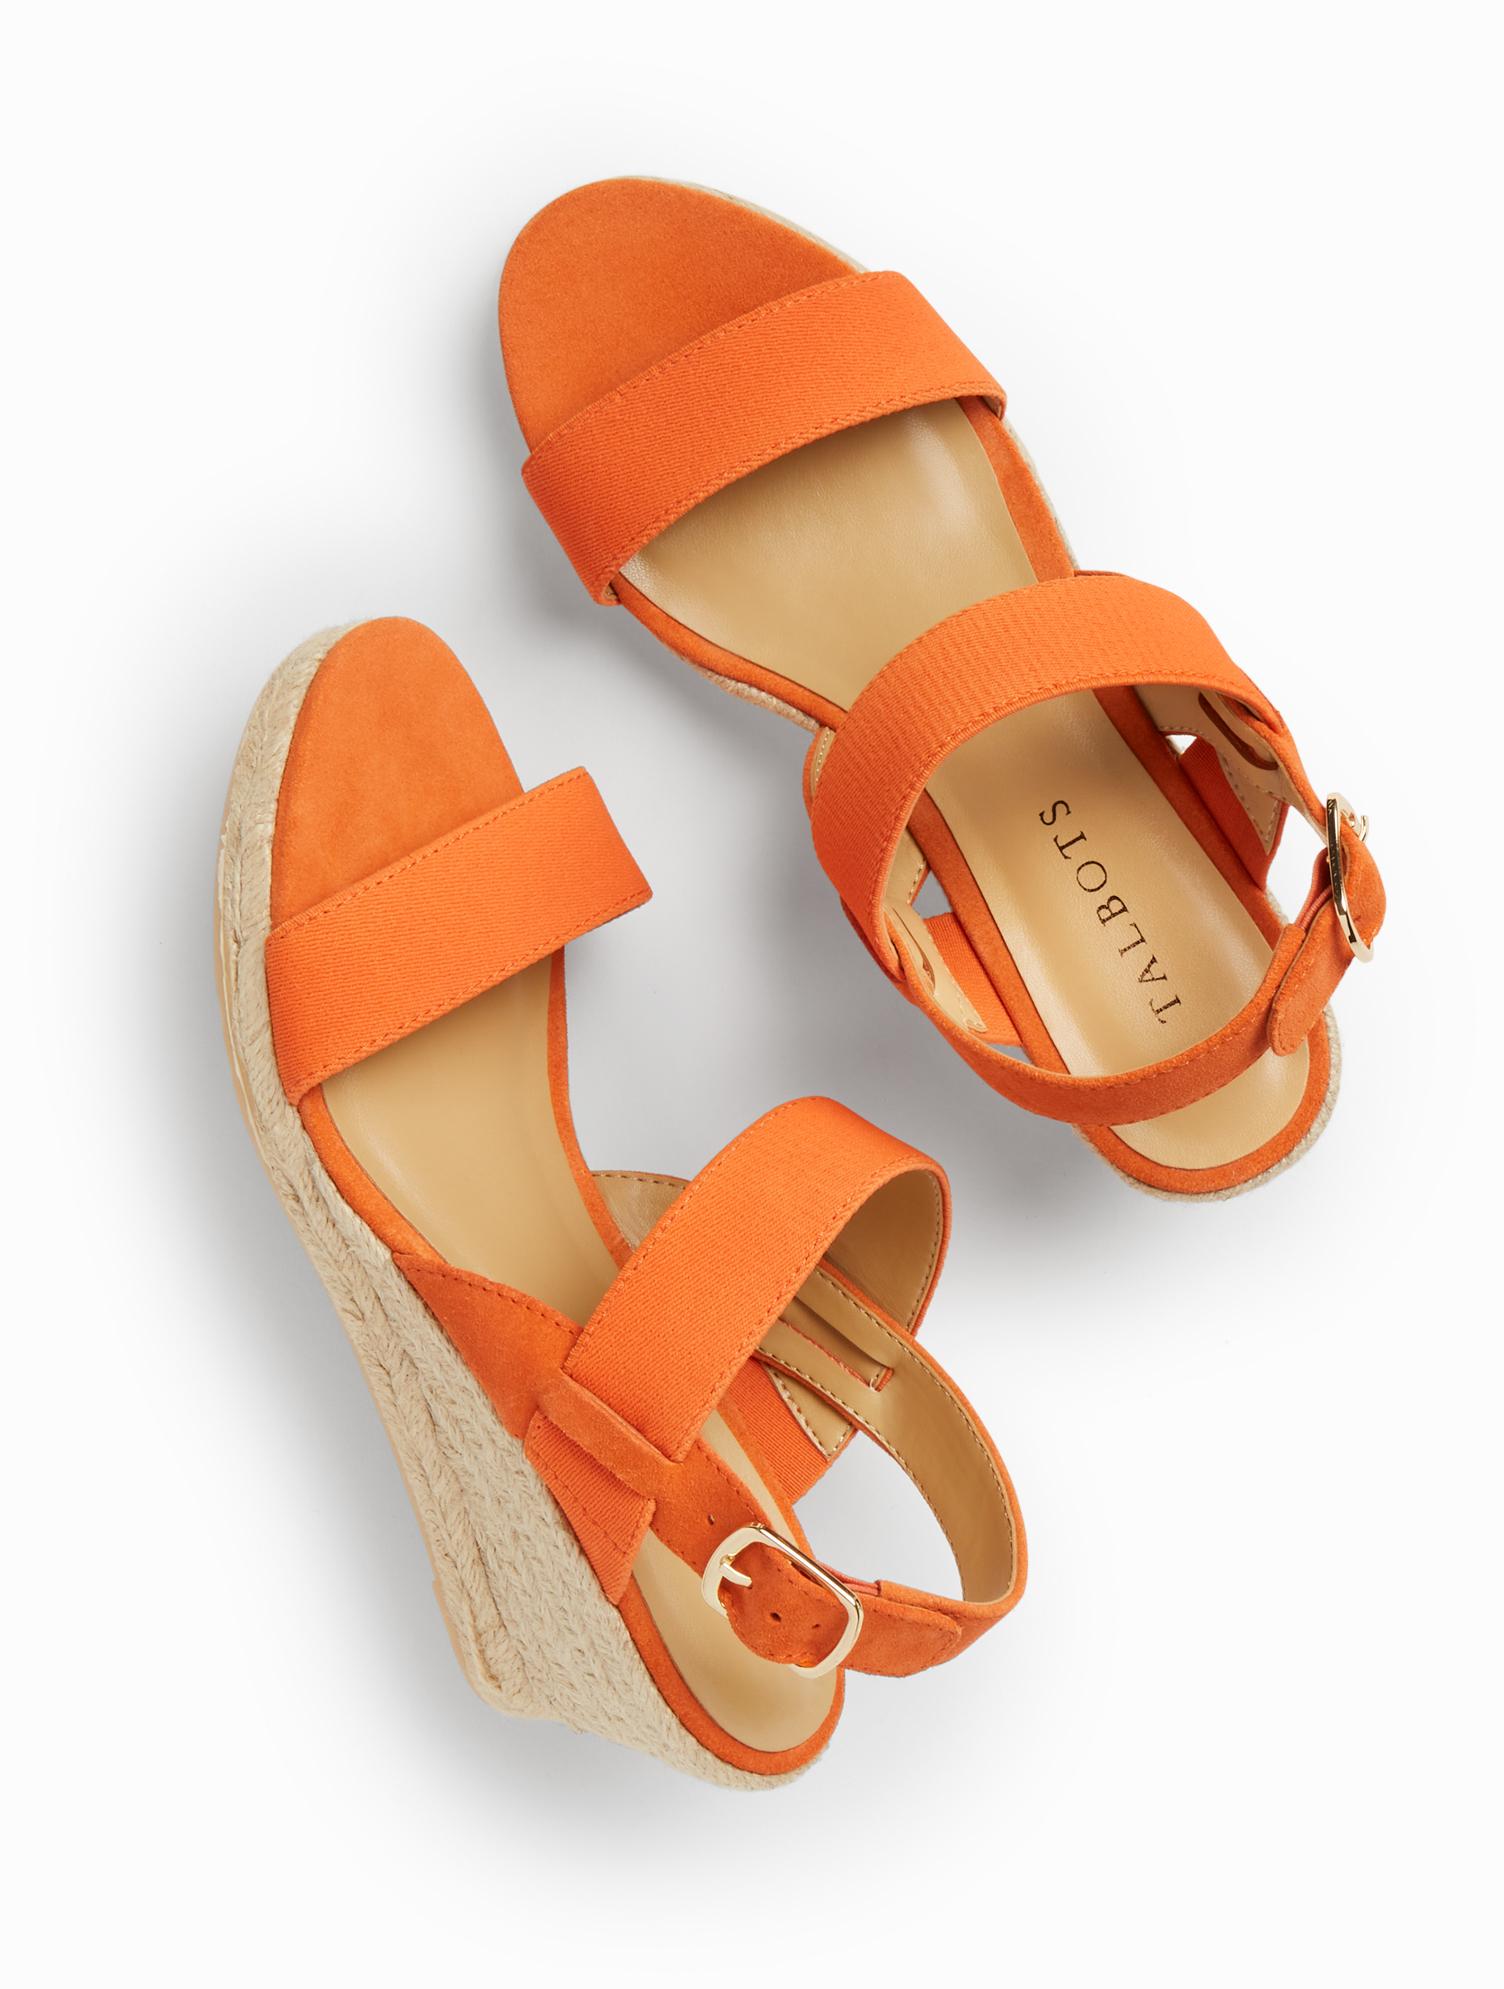 Vintage Sandals | Wedges, Espadrilles – 30s, 40s, 50s, 60s, 70s Lyndsay Suede  Elastic Espadrille Wedges - Nectarine - 11M Talbots $119.00 AT vintagedancer.com